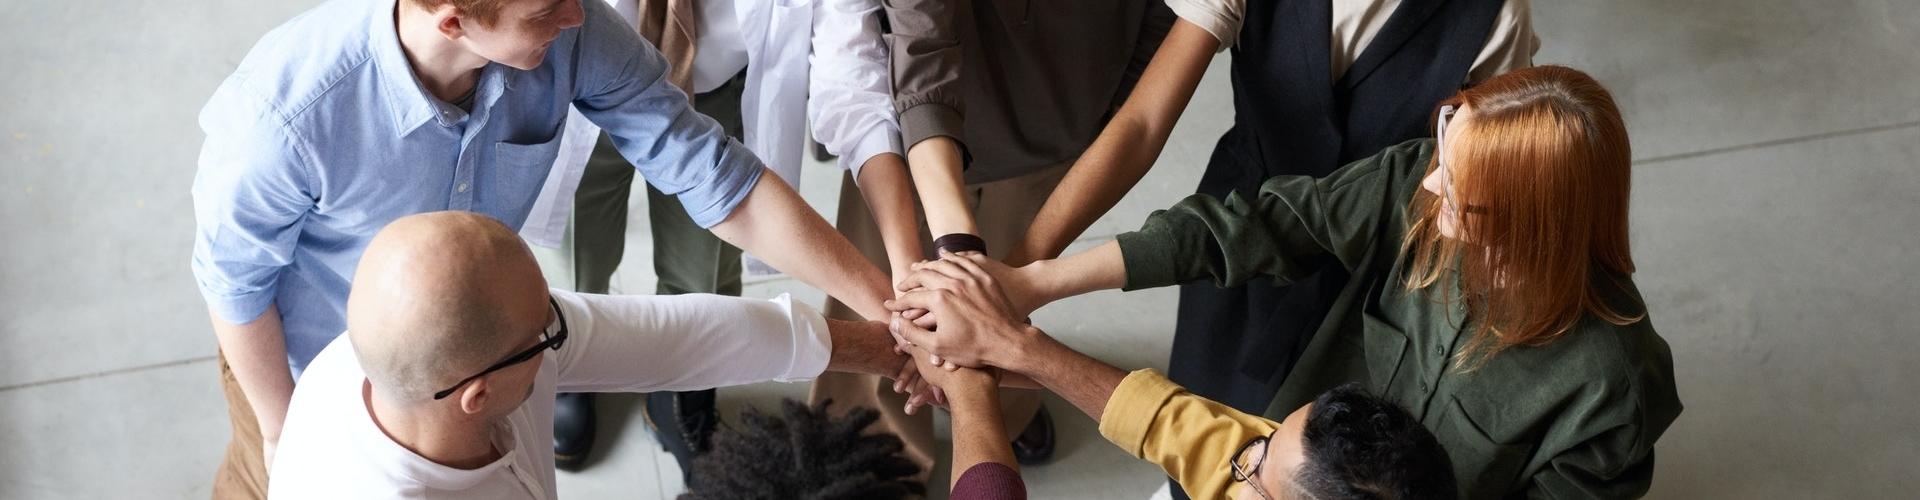 Ontwikkel als team van happyholics en bereik grote successen